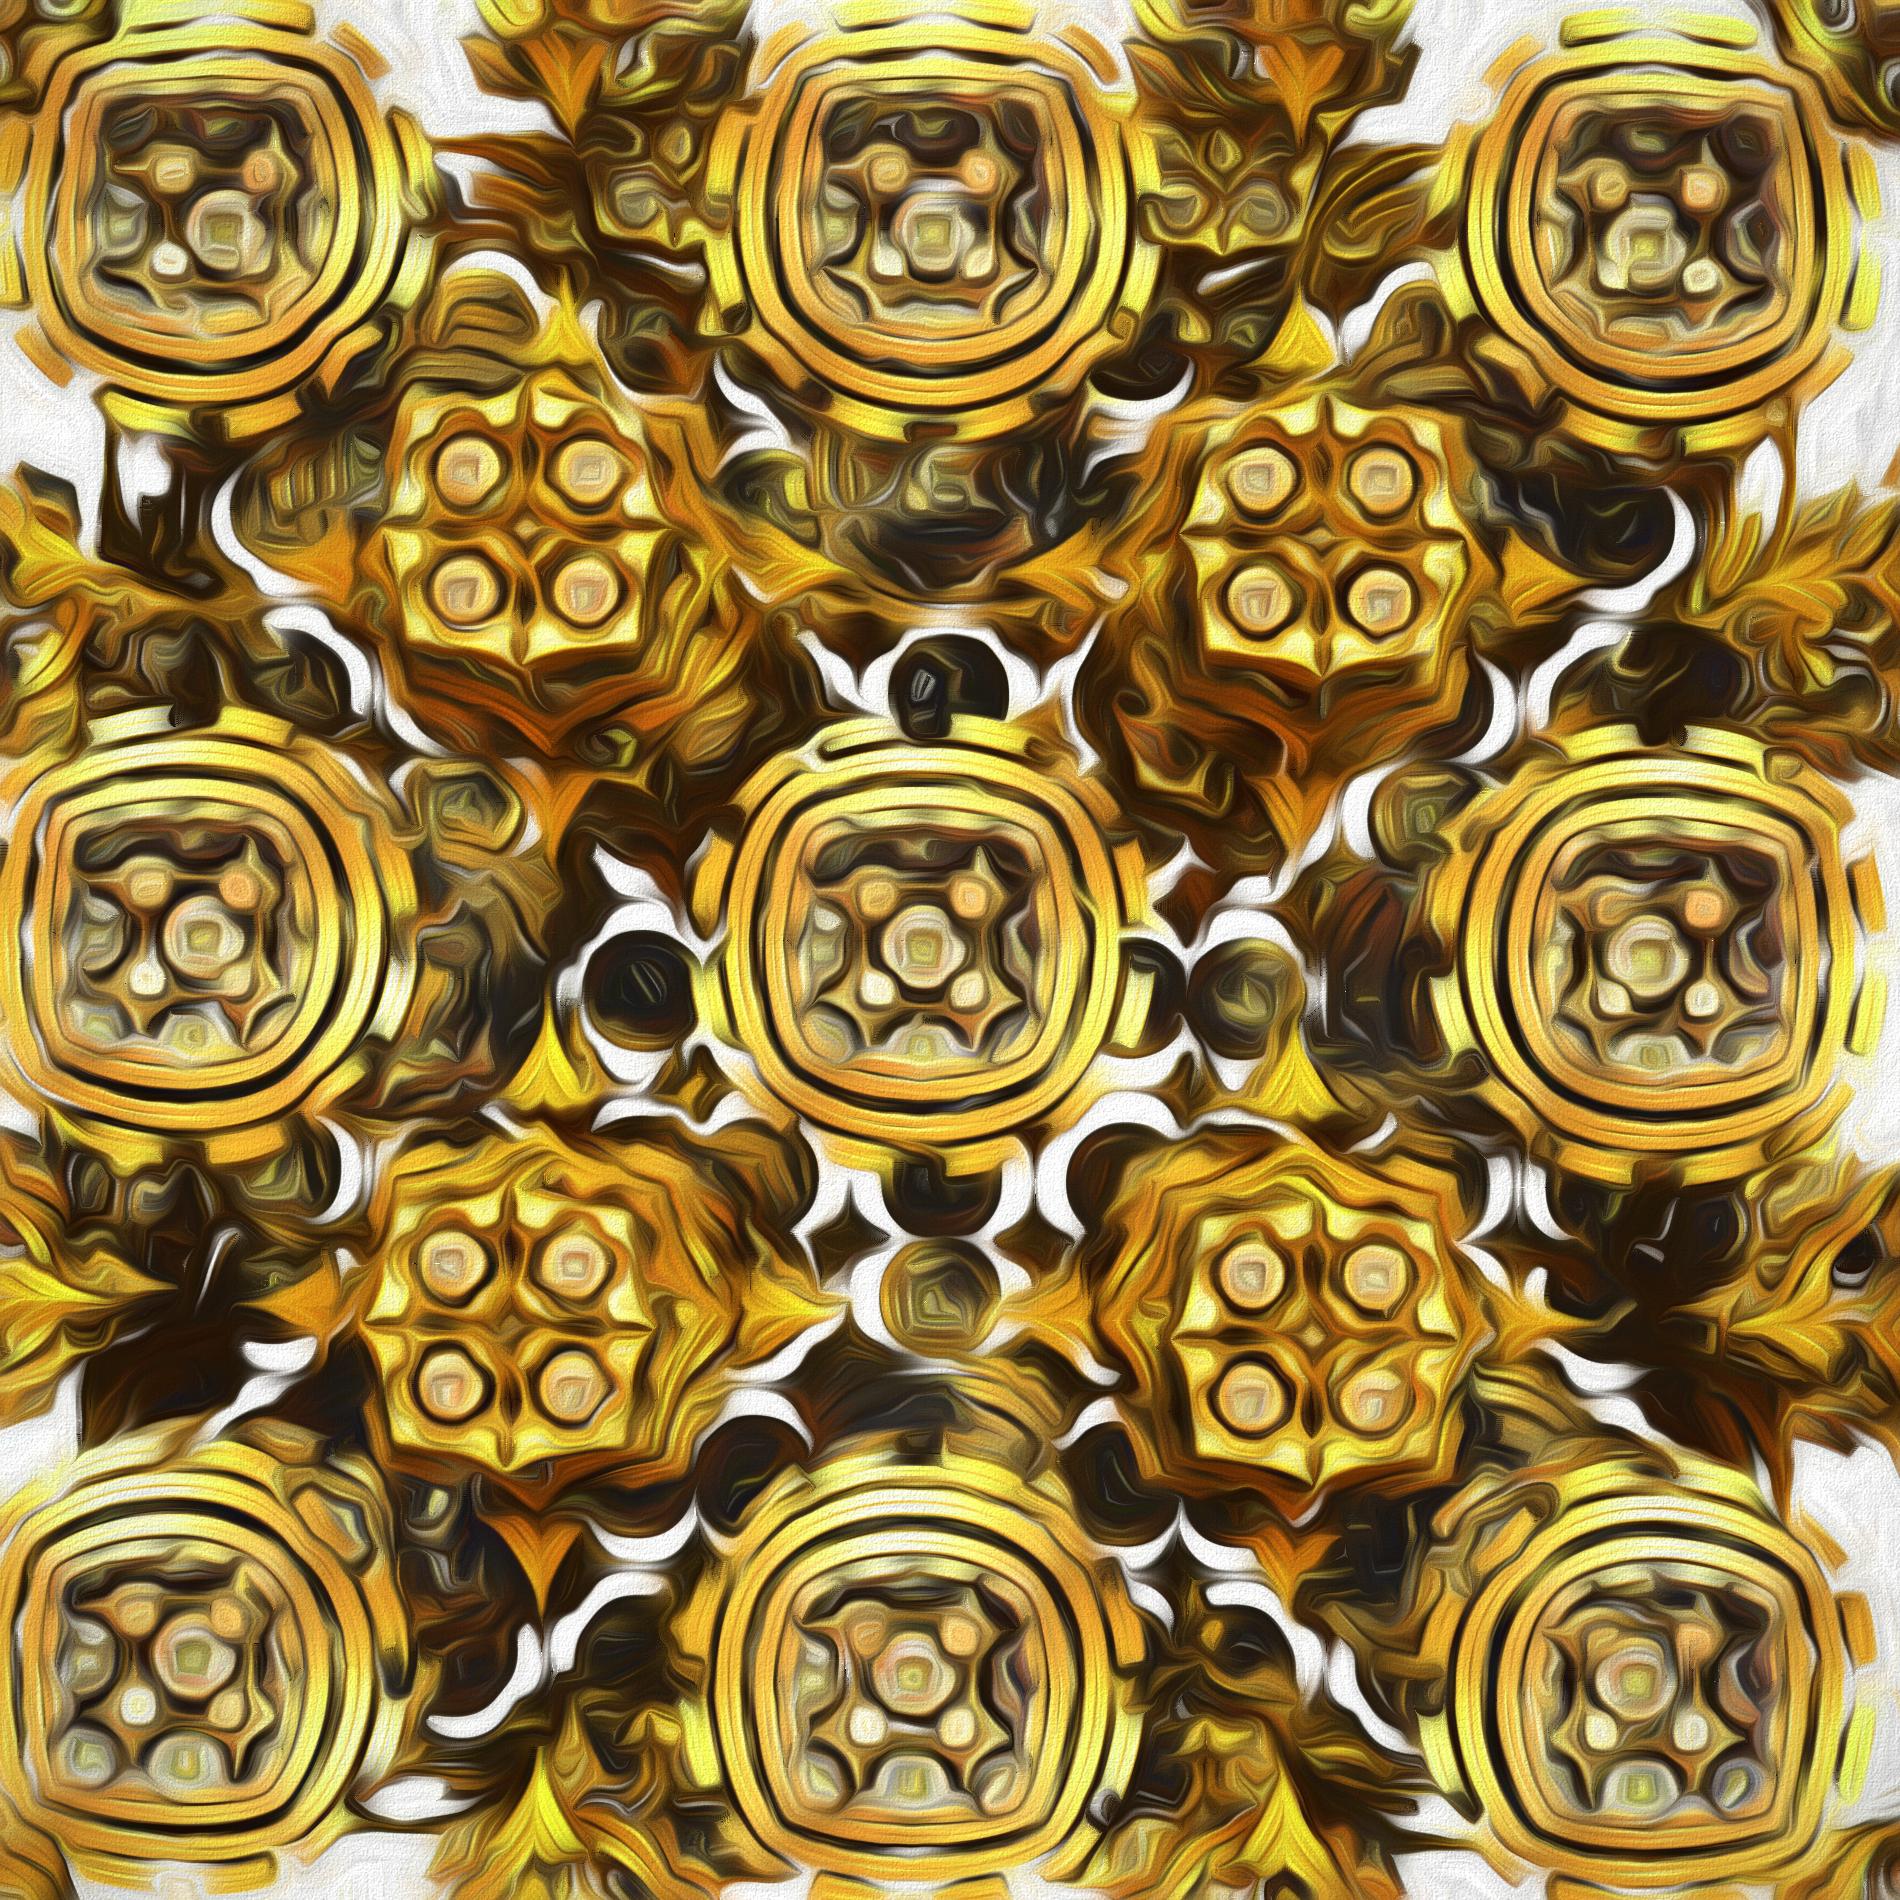 ゴールドダイヤモンド&クリスタルライト:スケッチ